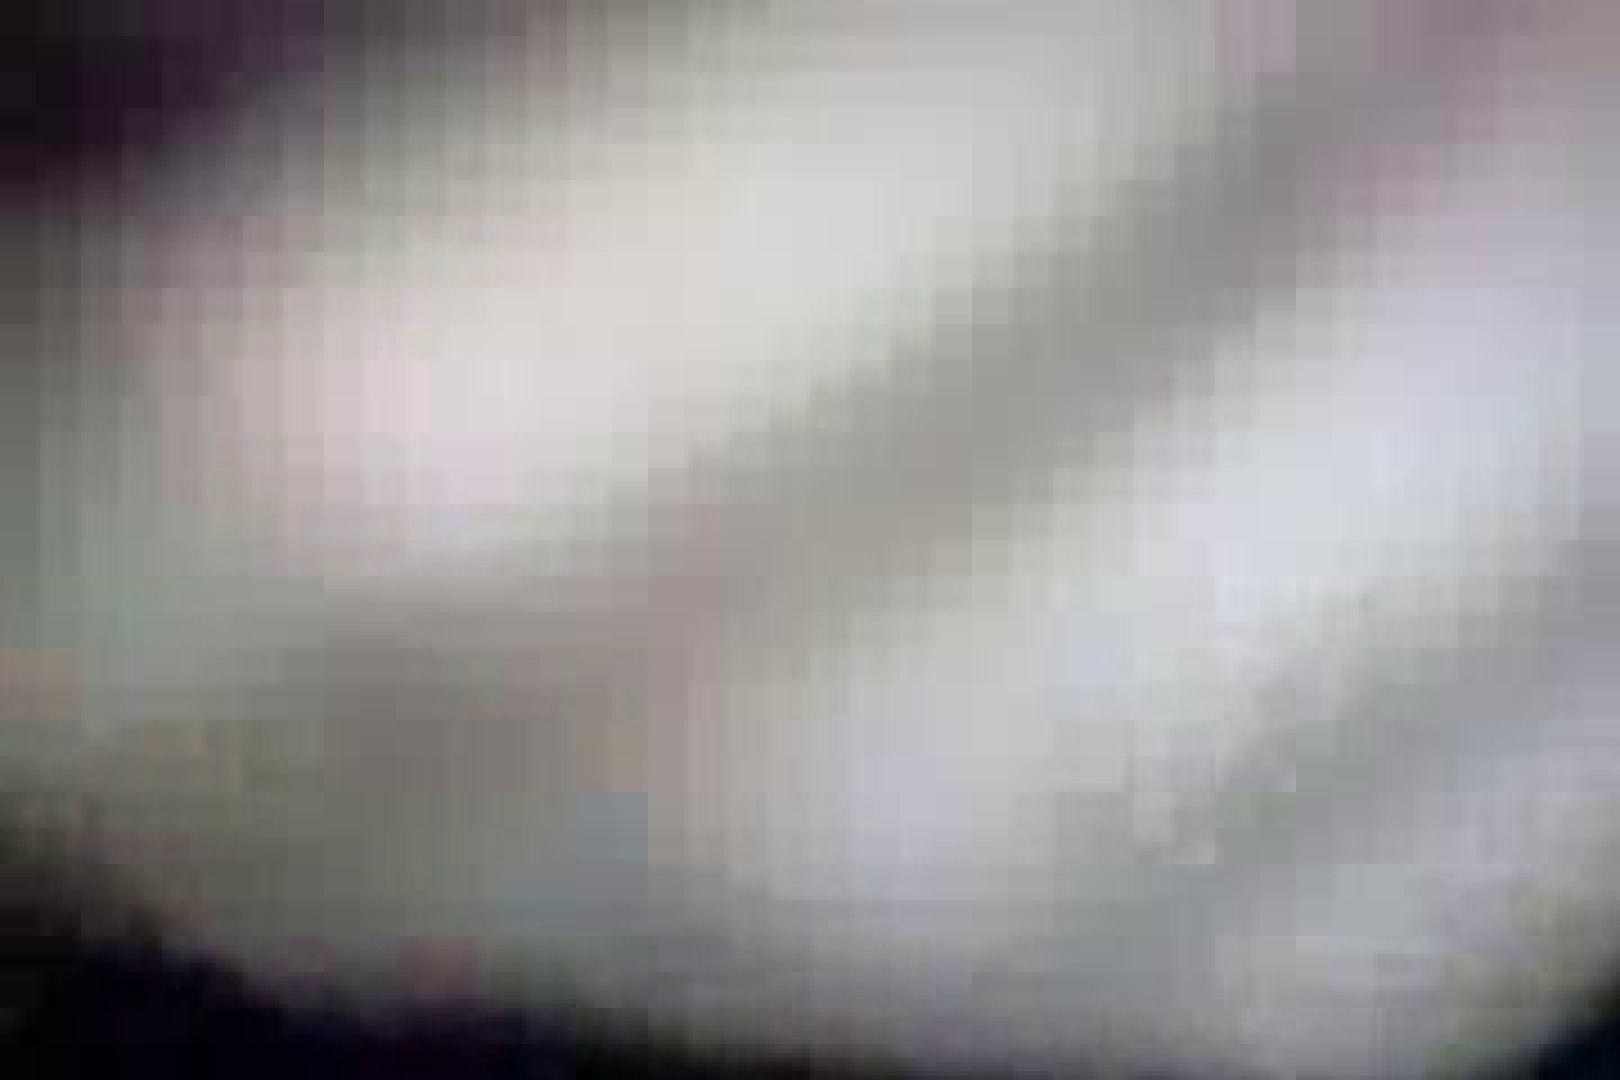 ファイル流出! ! 暗がりでの怪しいファック フェラシーン ゲイアダルトビデオ紹介 49画像 34